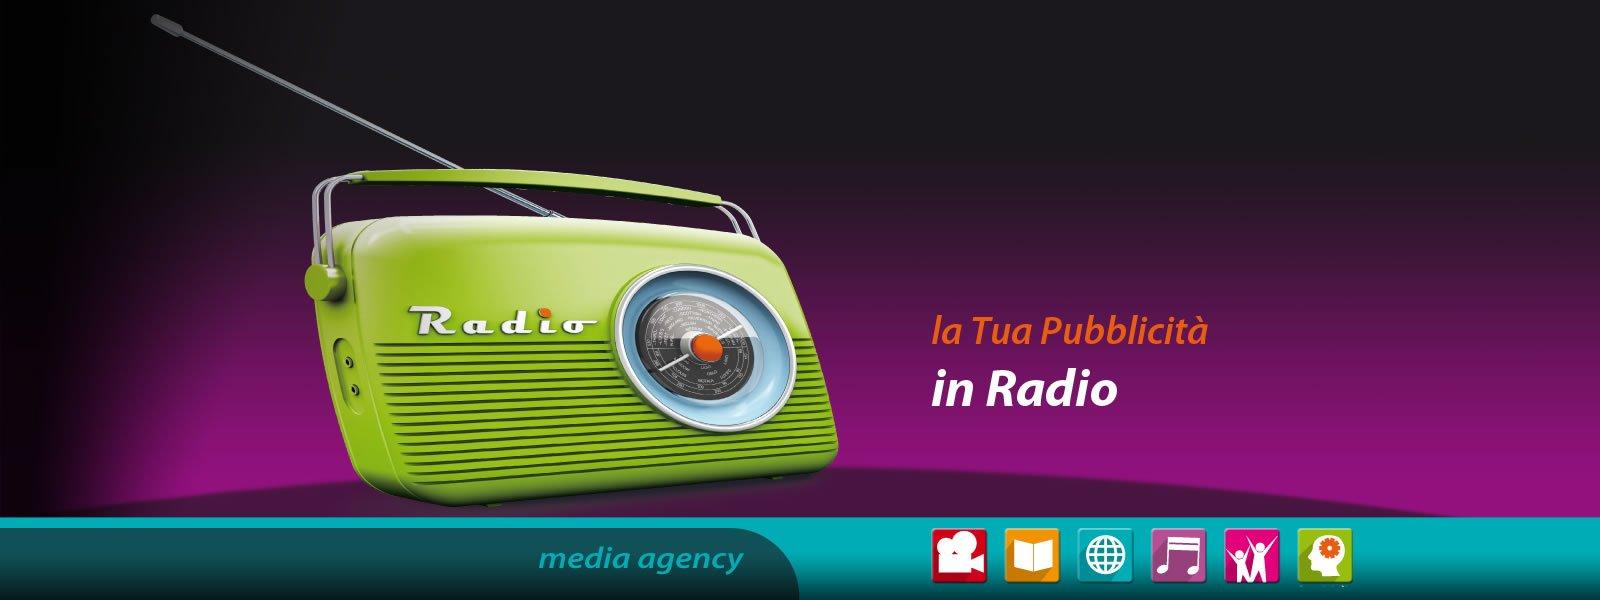 Publimedia Italia la pubblicità alla radio